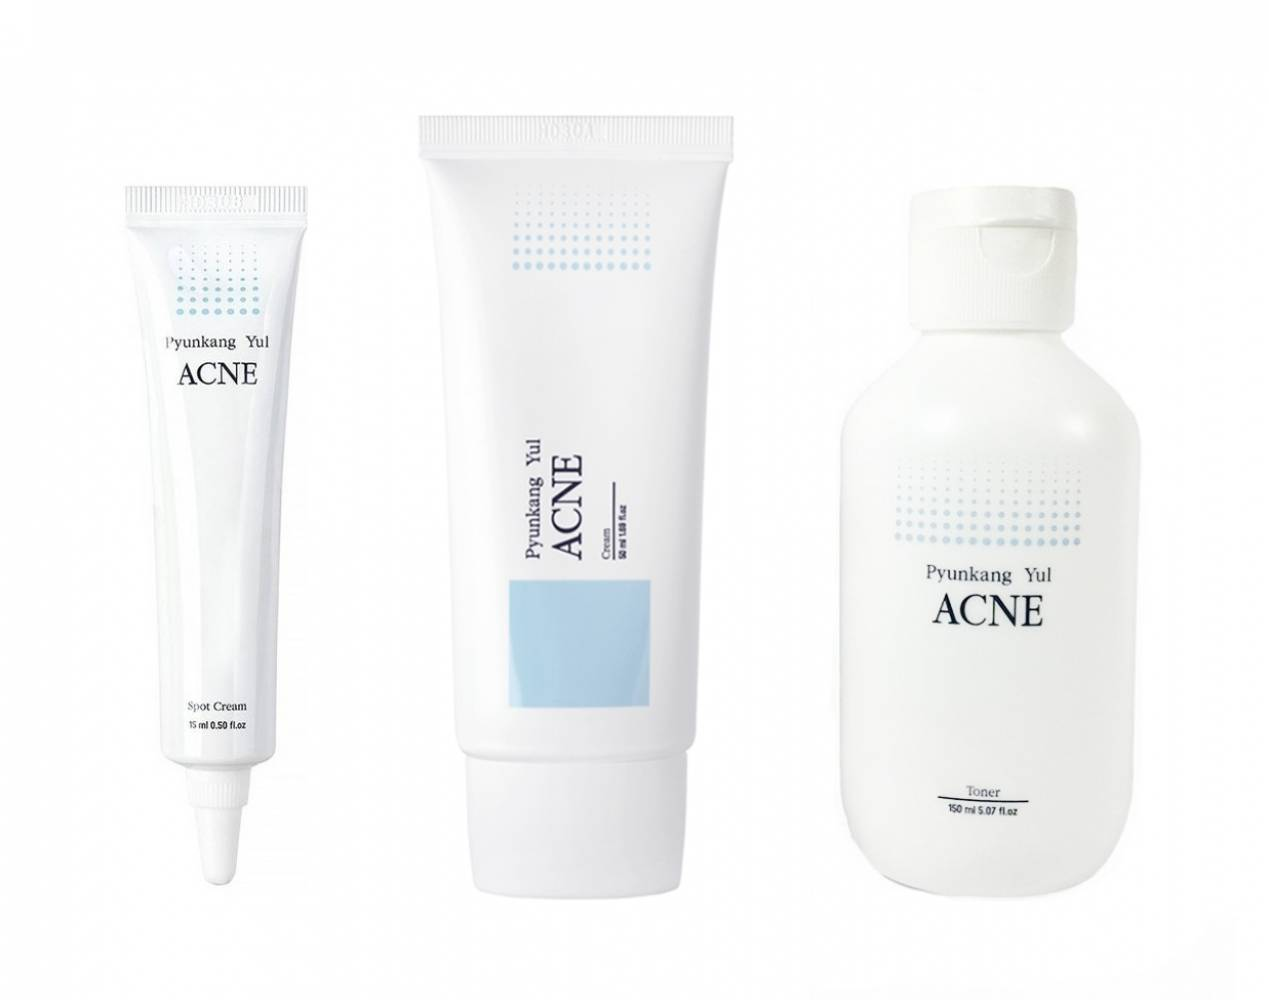 Набор Для Чувствительной И Проблемной Кожи Pyunkang Yul Stop Acne (Acne Spot Cream, Acne Cream, Acne Toner) 215ml